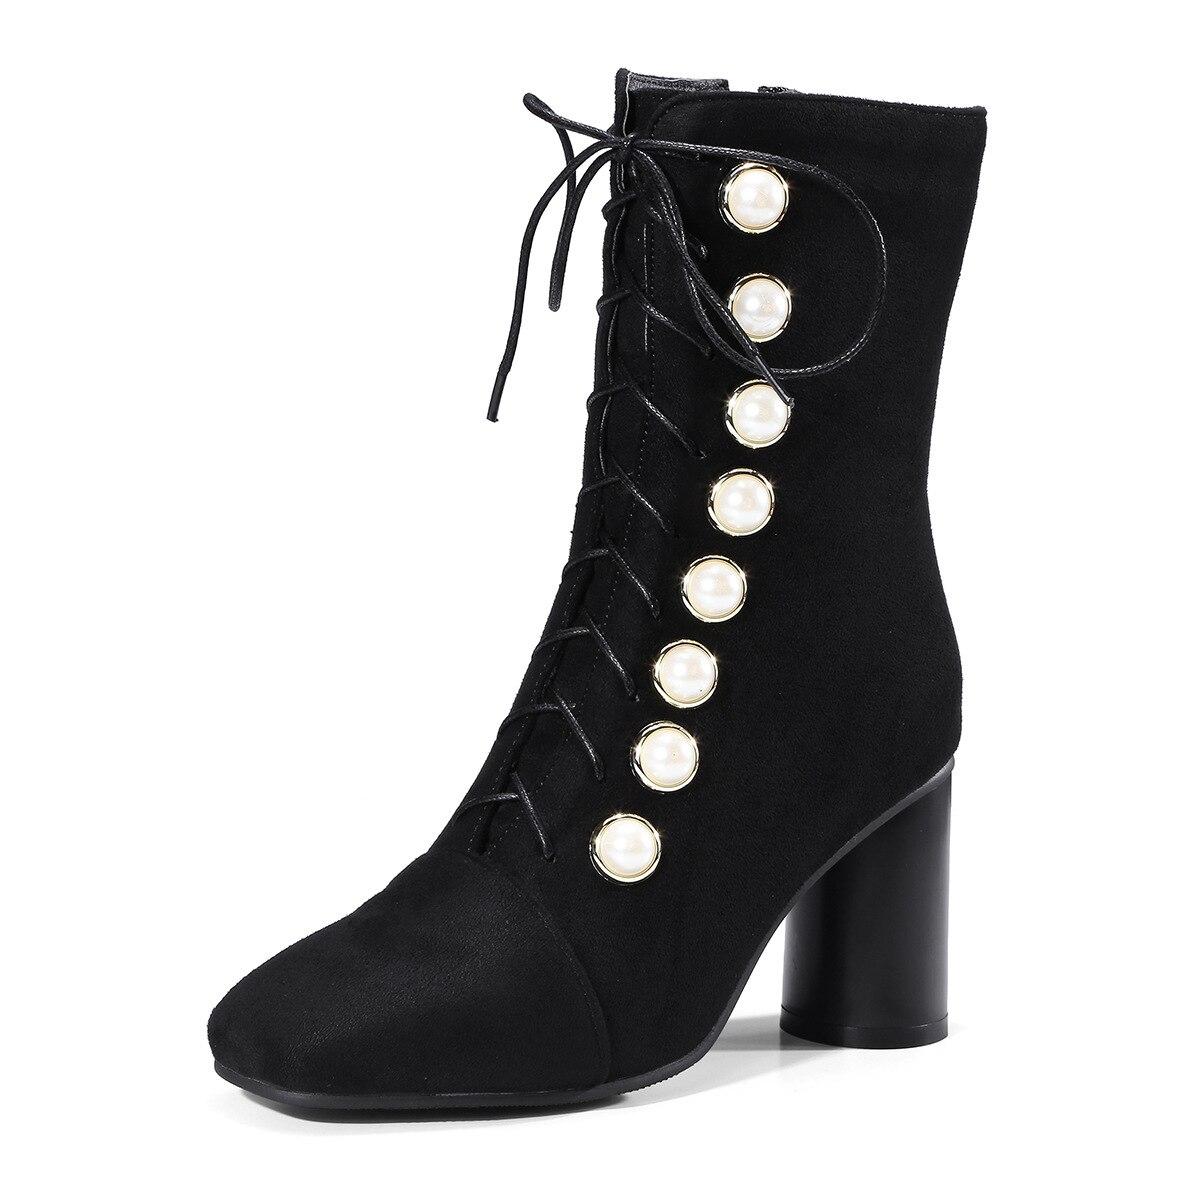 Femmes Bottines Chaussures red 2019 Black Rivet Bottes Hiver Troupeau À Carré D'hiver Velours Talons Lacets Pour Chaussette Zipper ALR45q3j